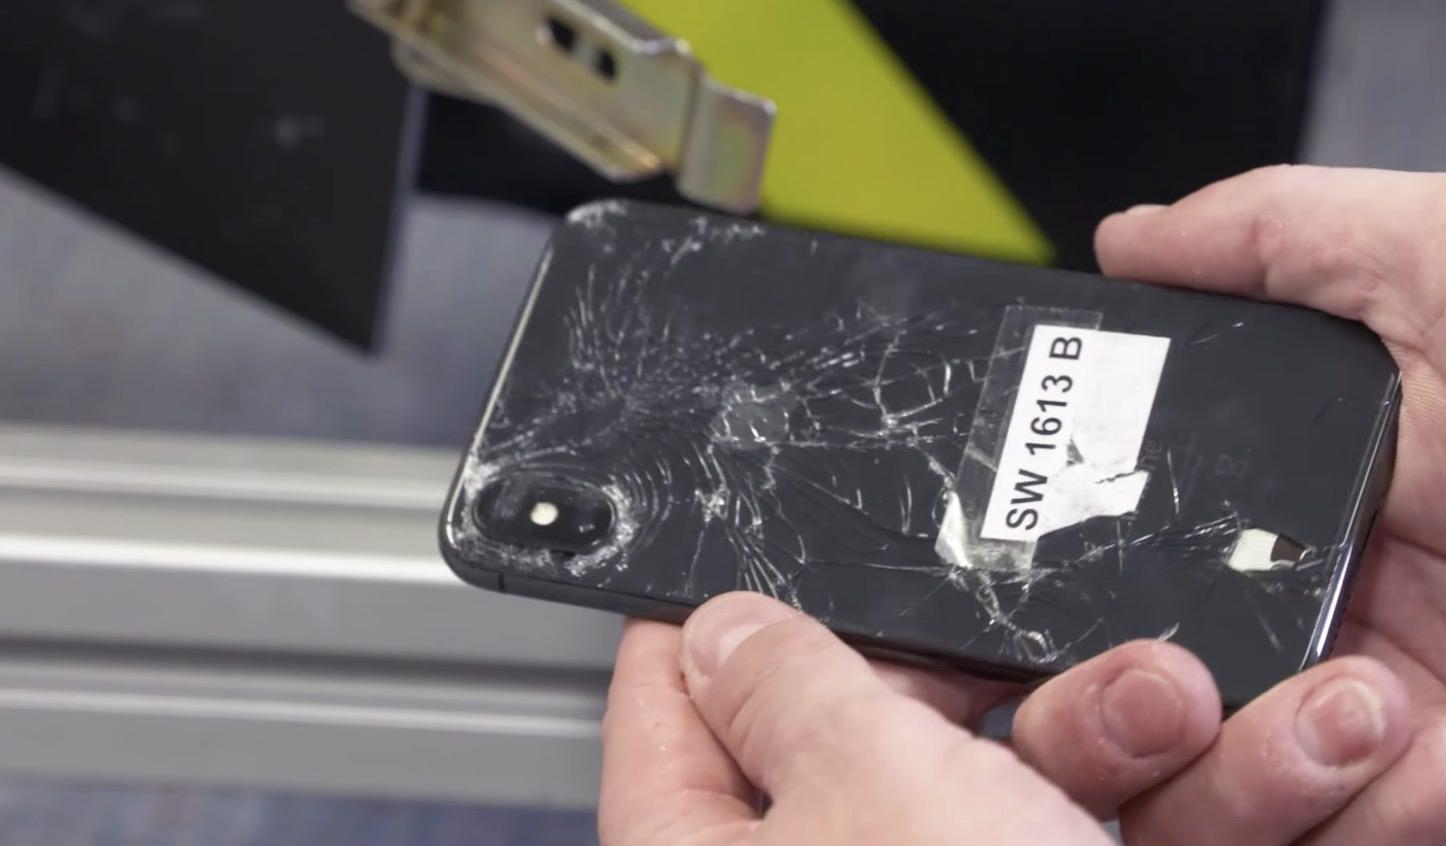 Iphonex droptest